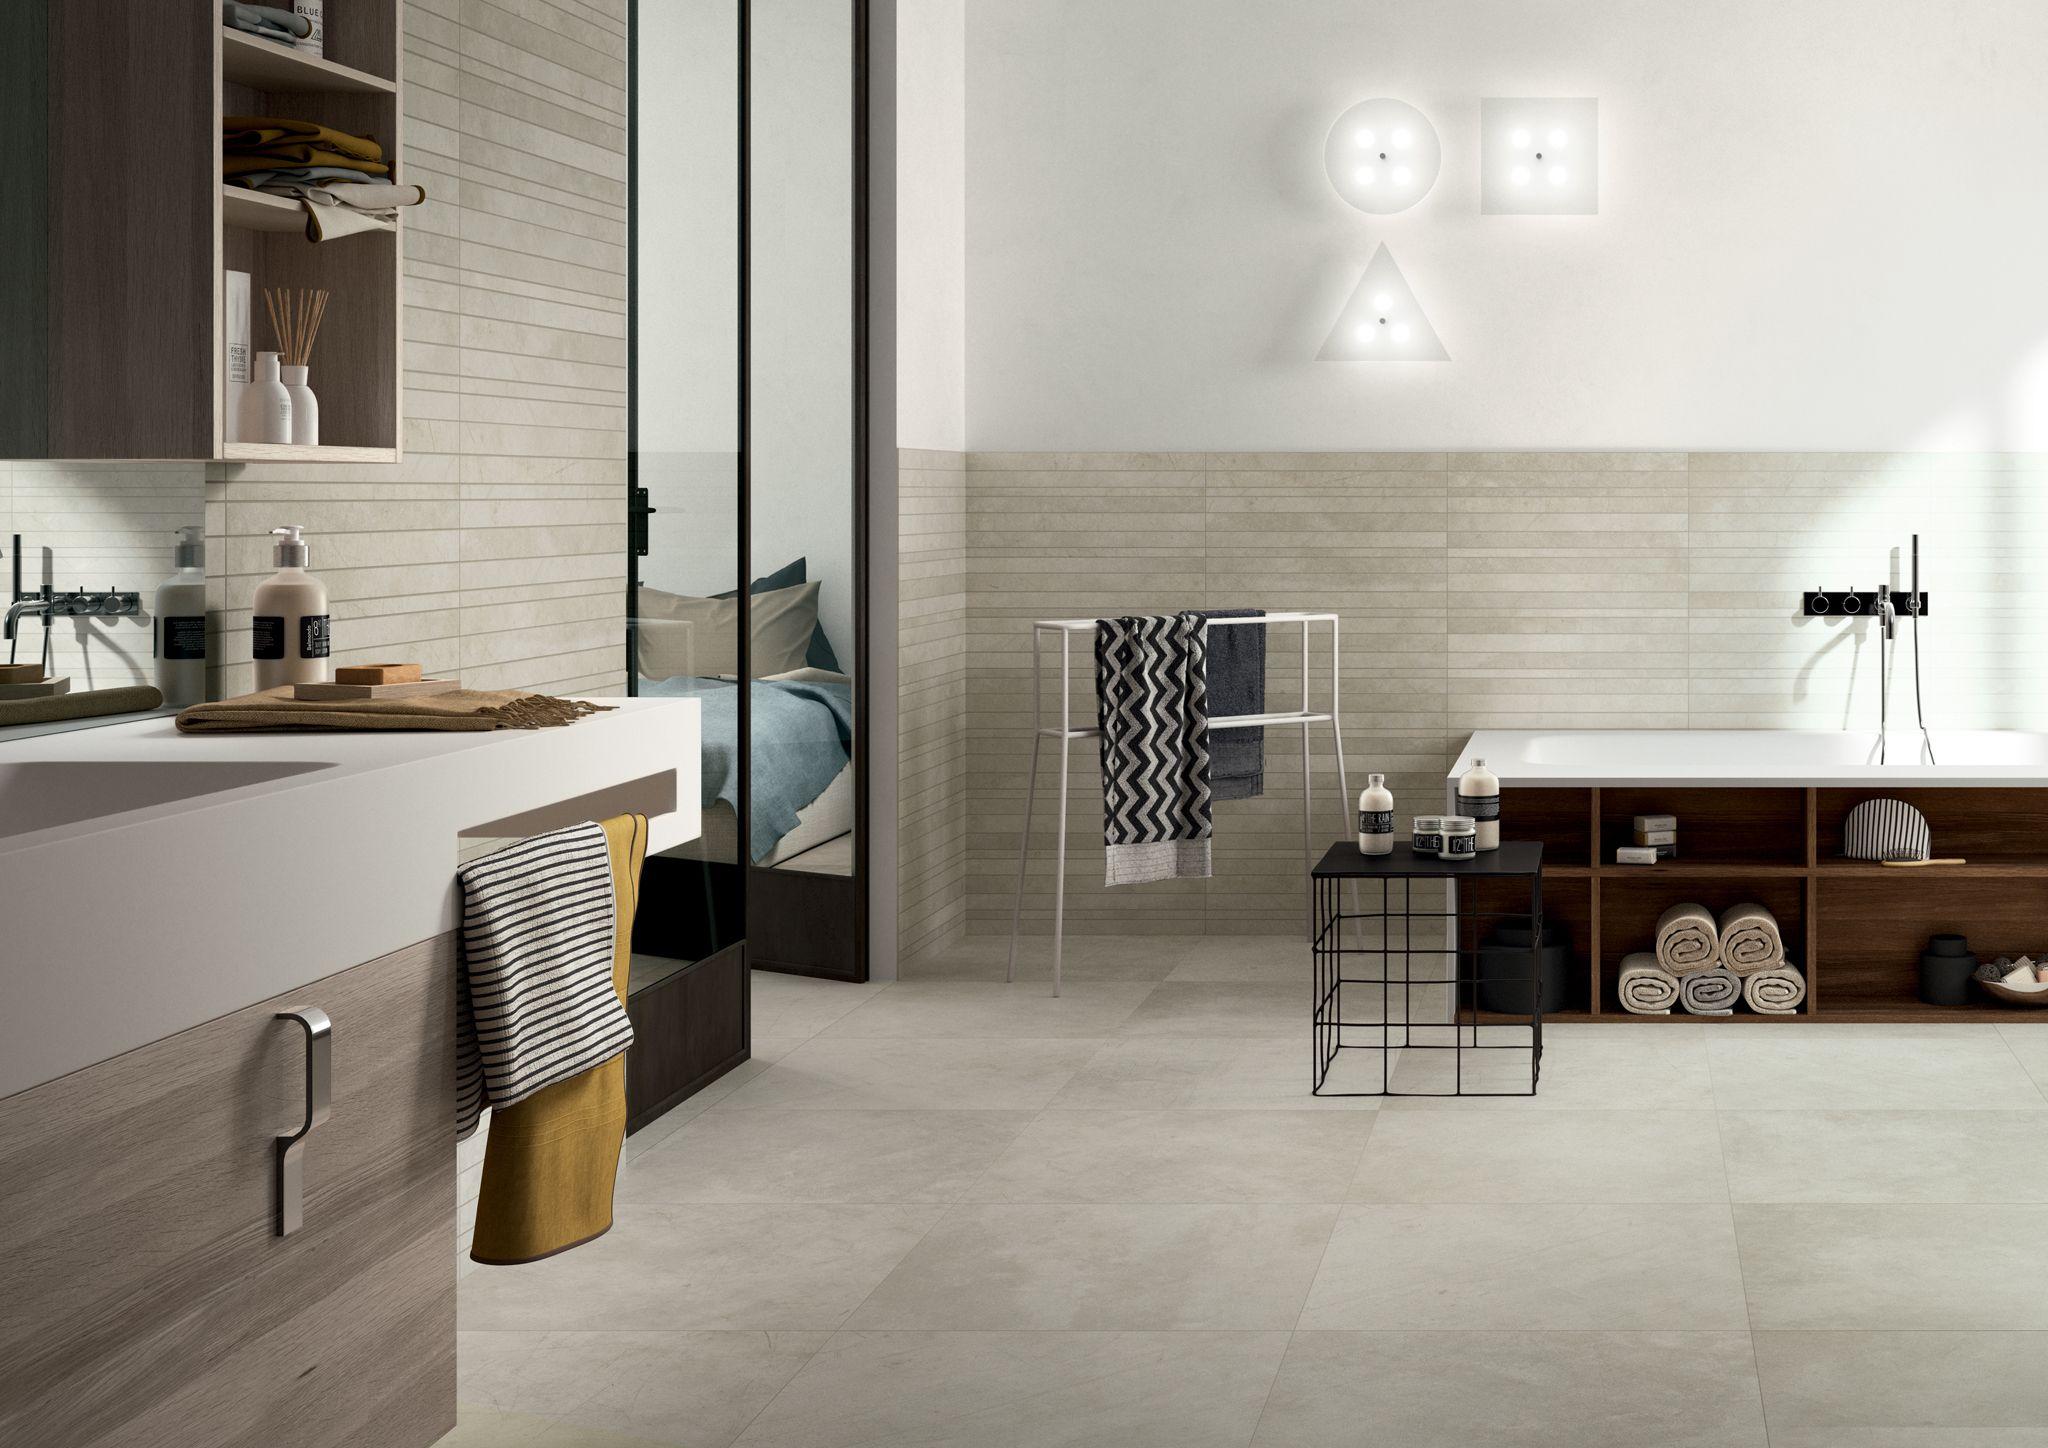 Pin di Ceramiche Refin S.p.A. su Bathroom Flooring